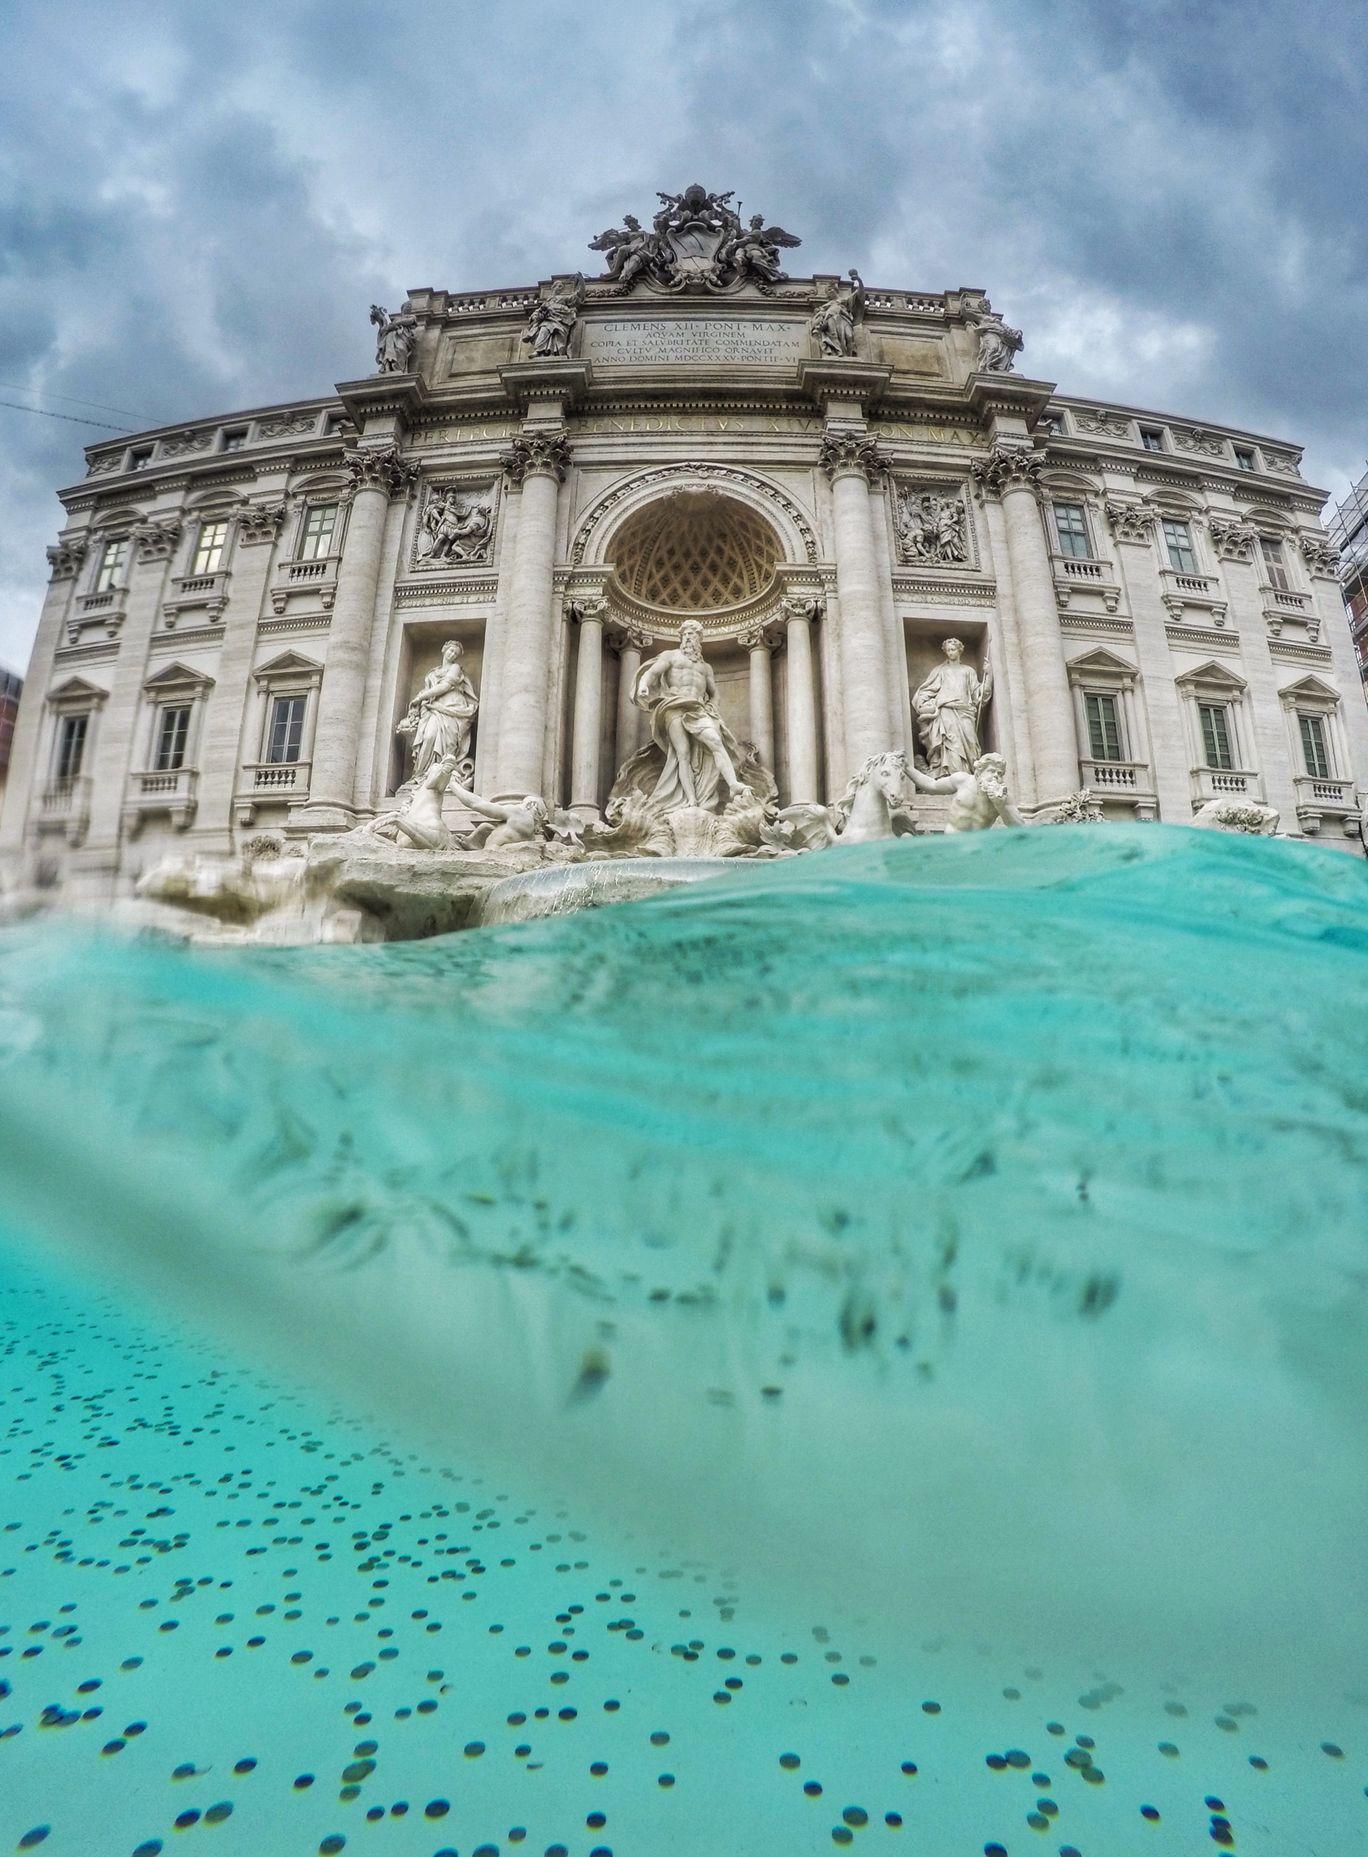 Photo of Fontana di Trevi By Antonella S